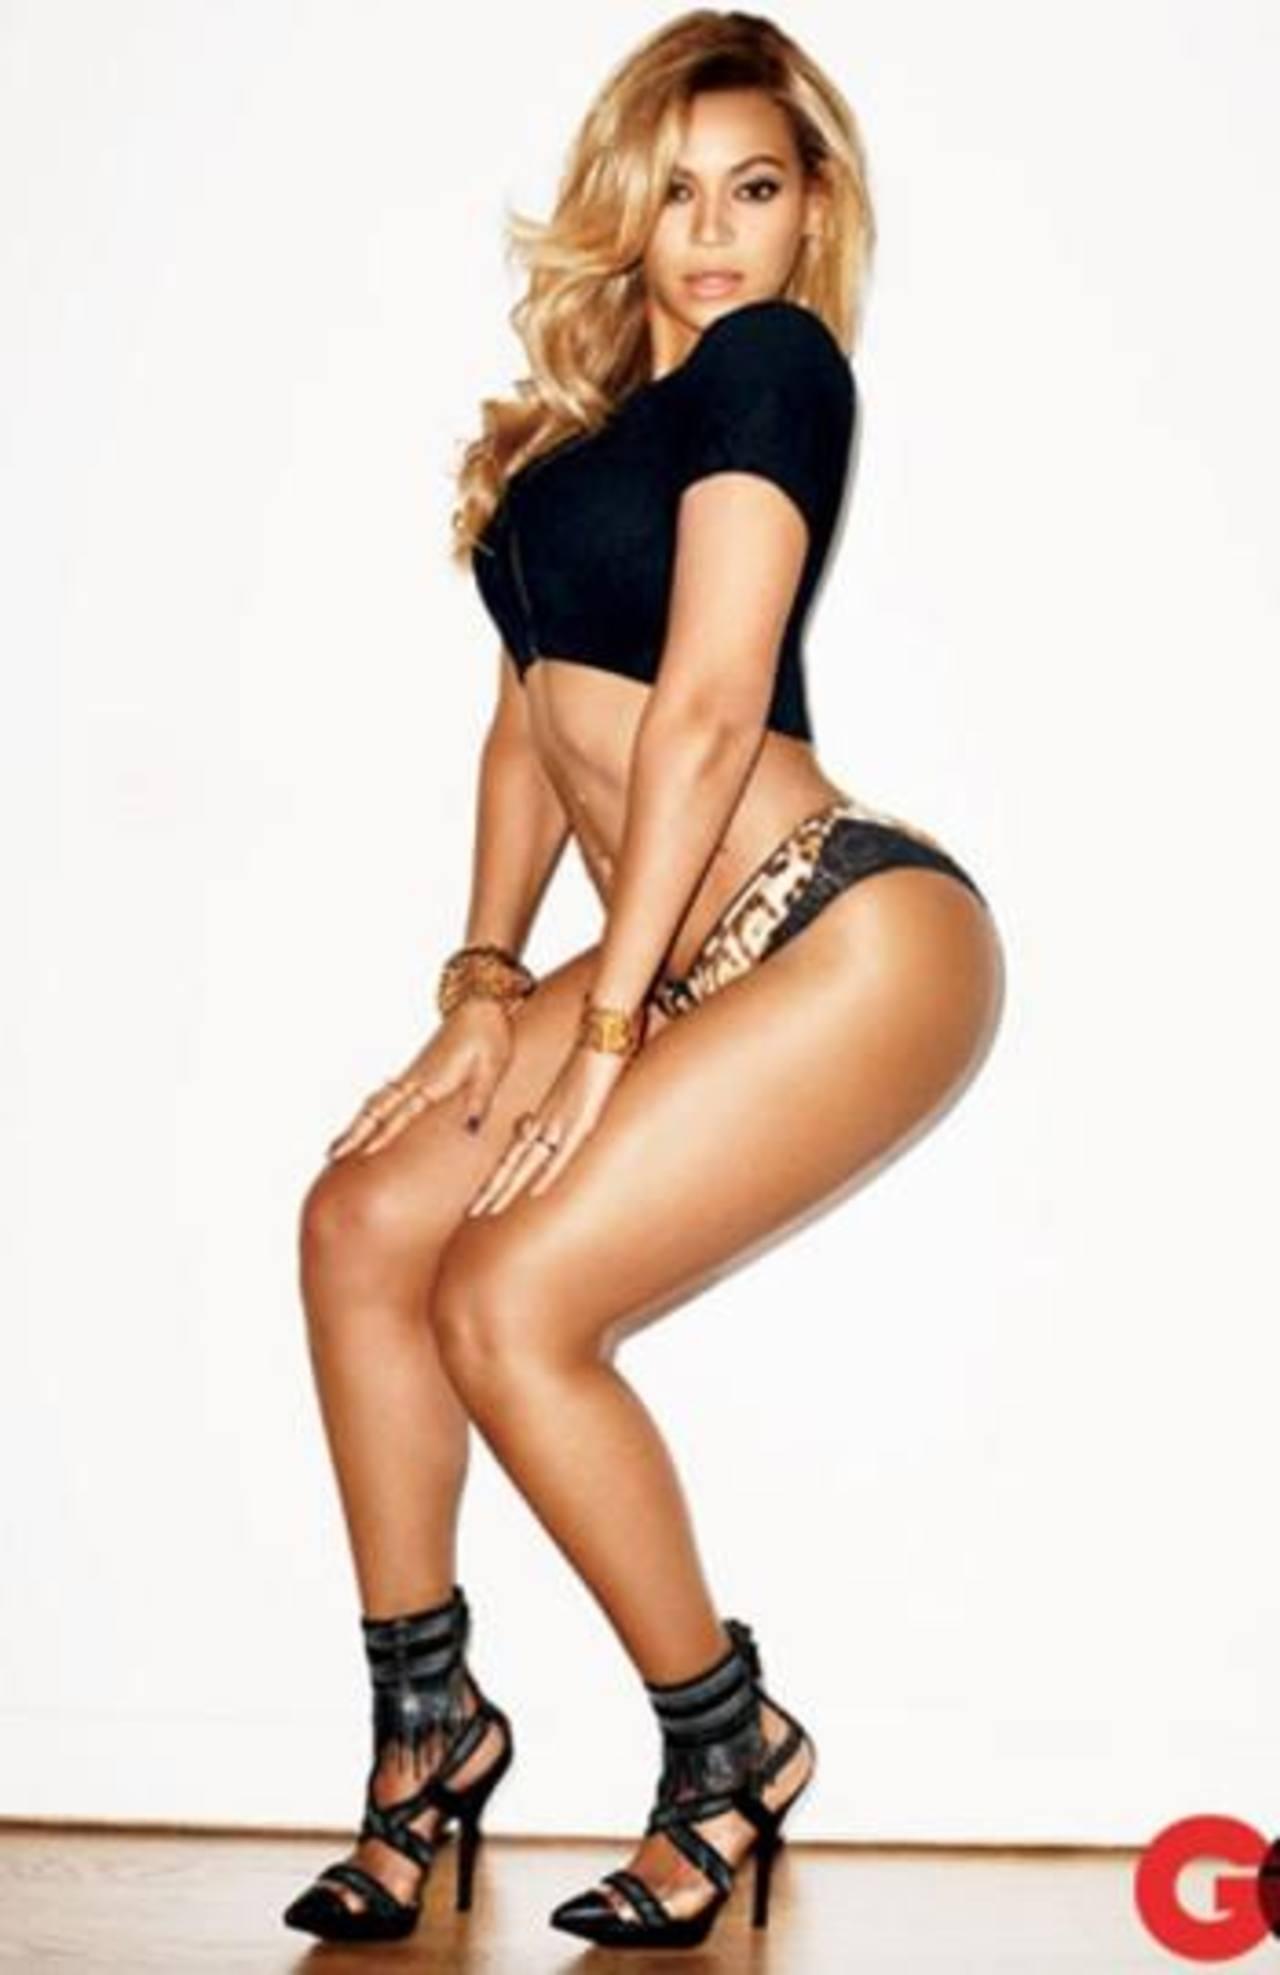 Beyoncé muestra sus curvas en revista GQ